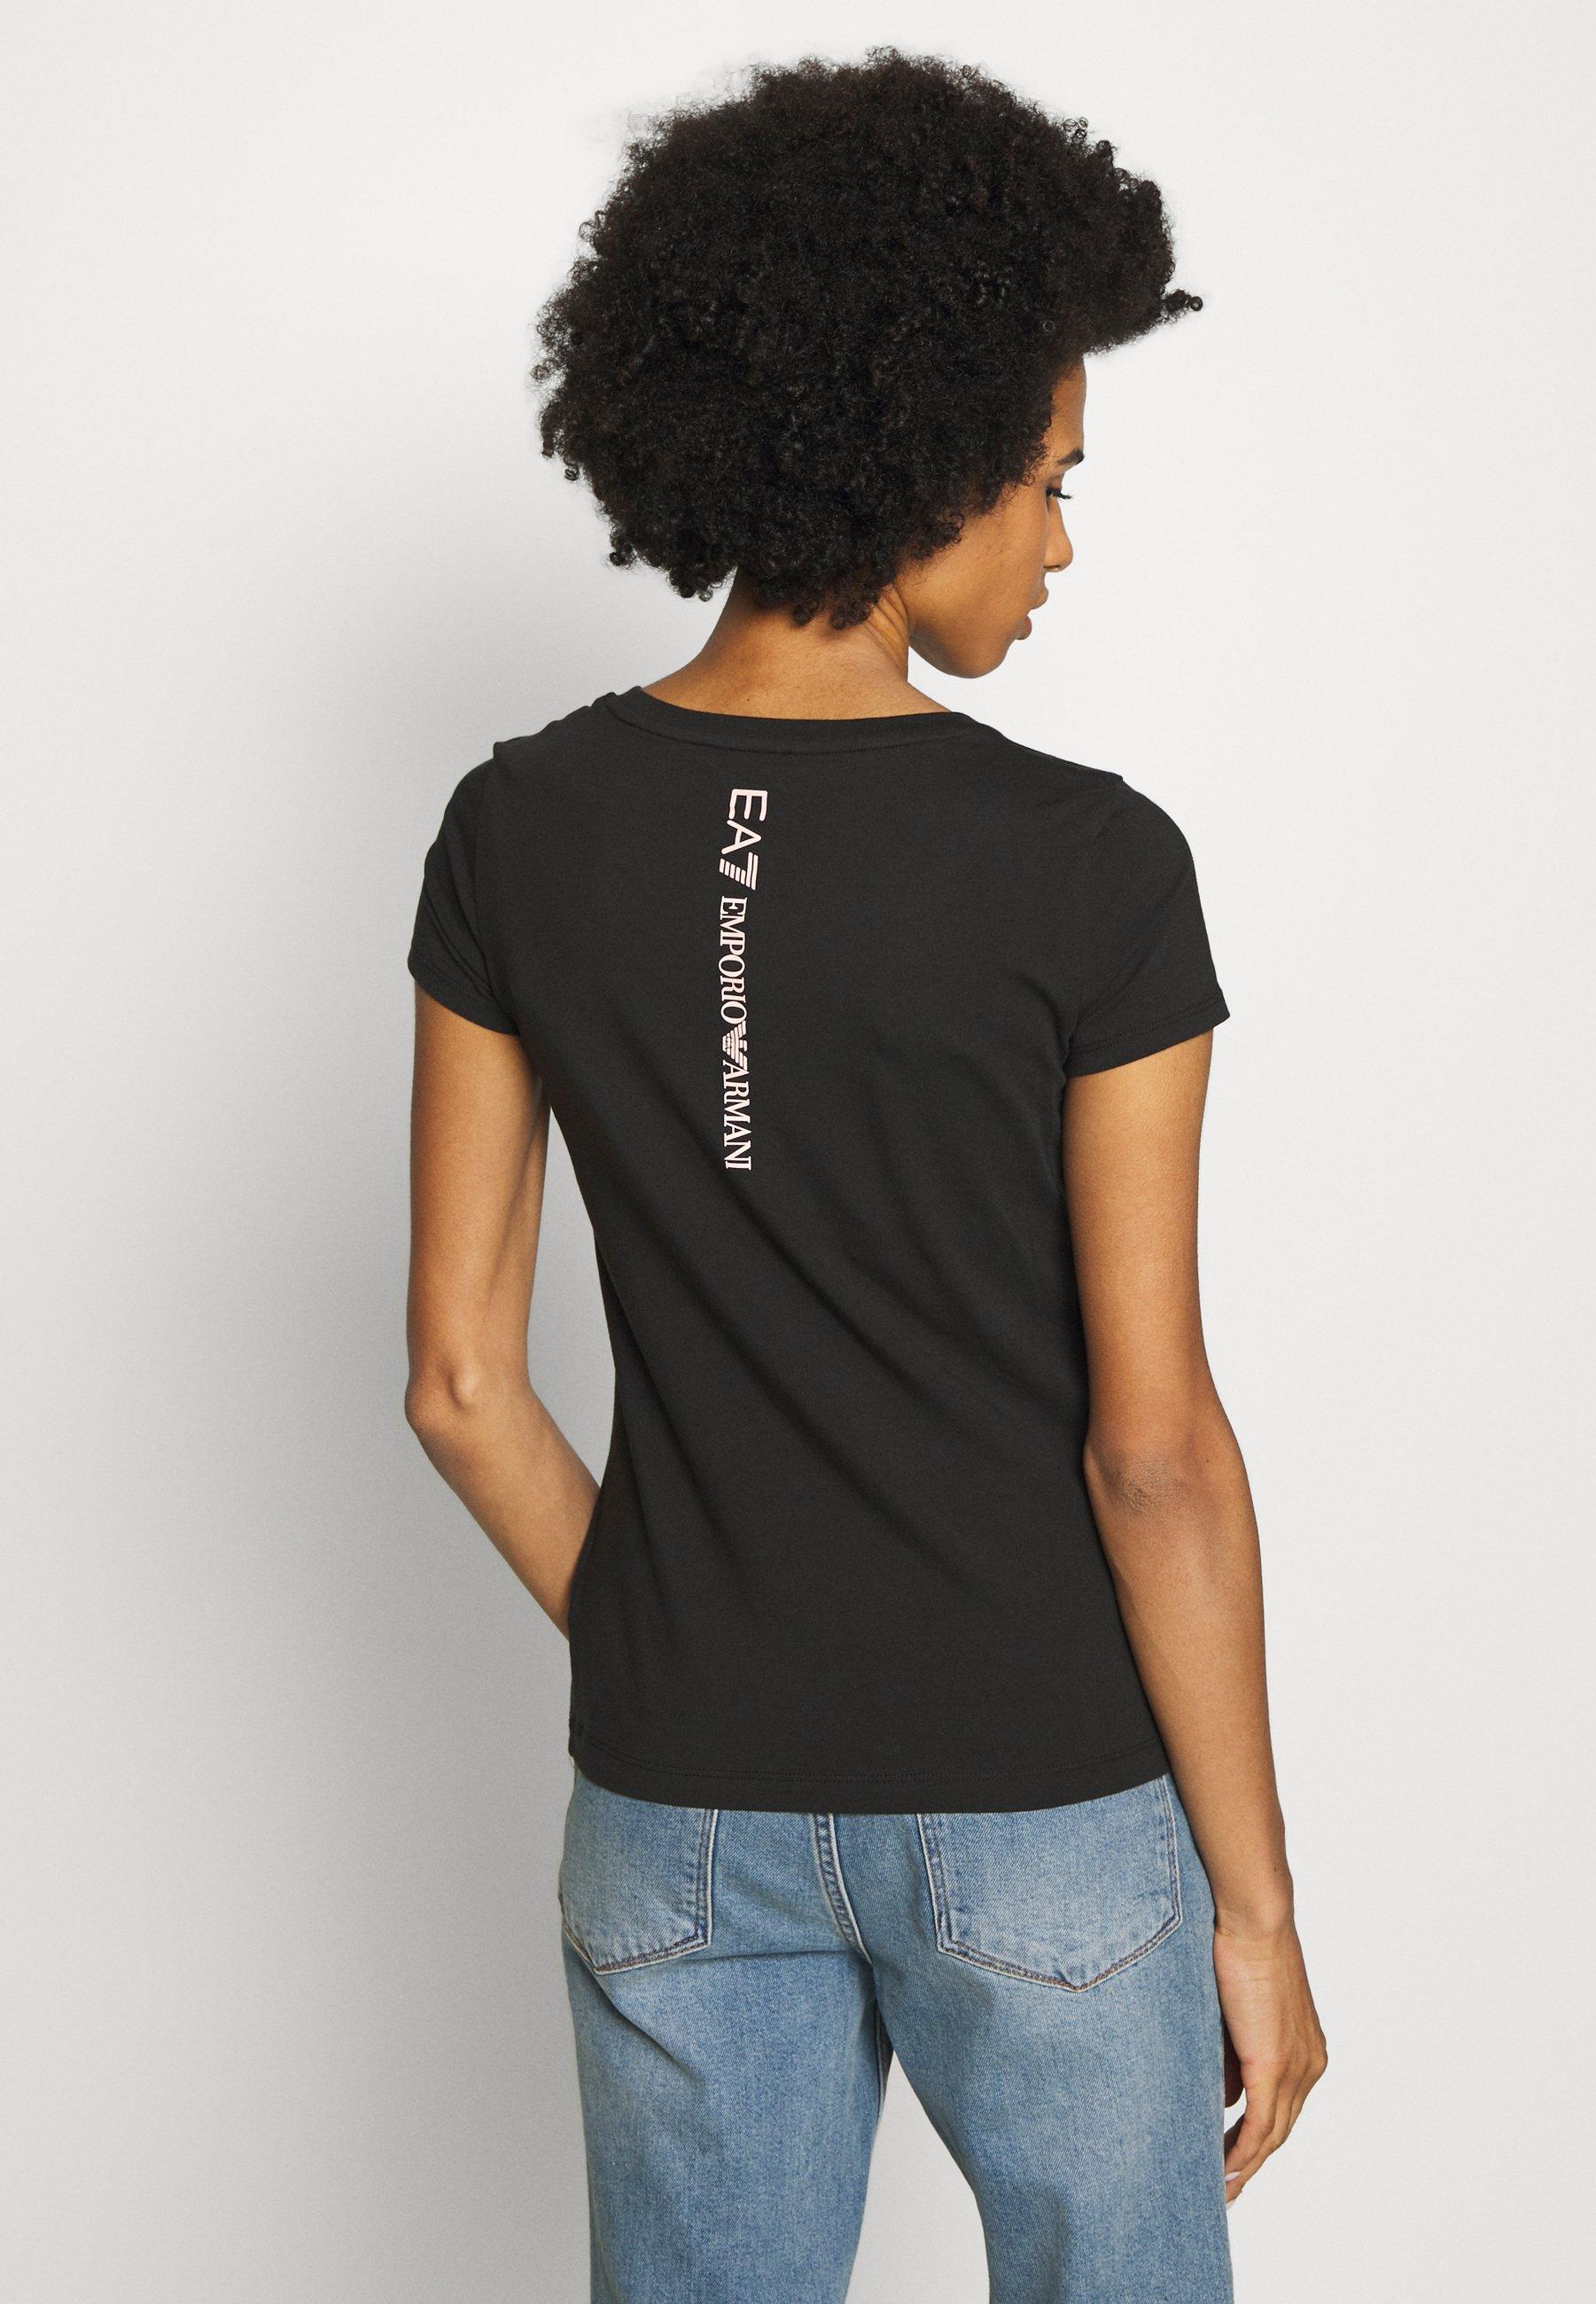 EA7 Emporio Armani Camiseta estampada - black/peach